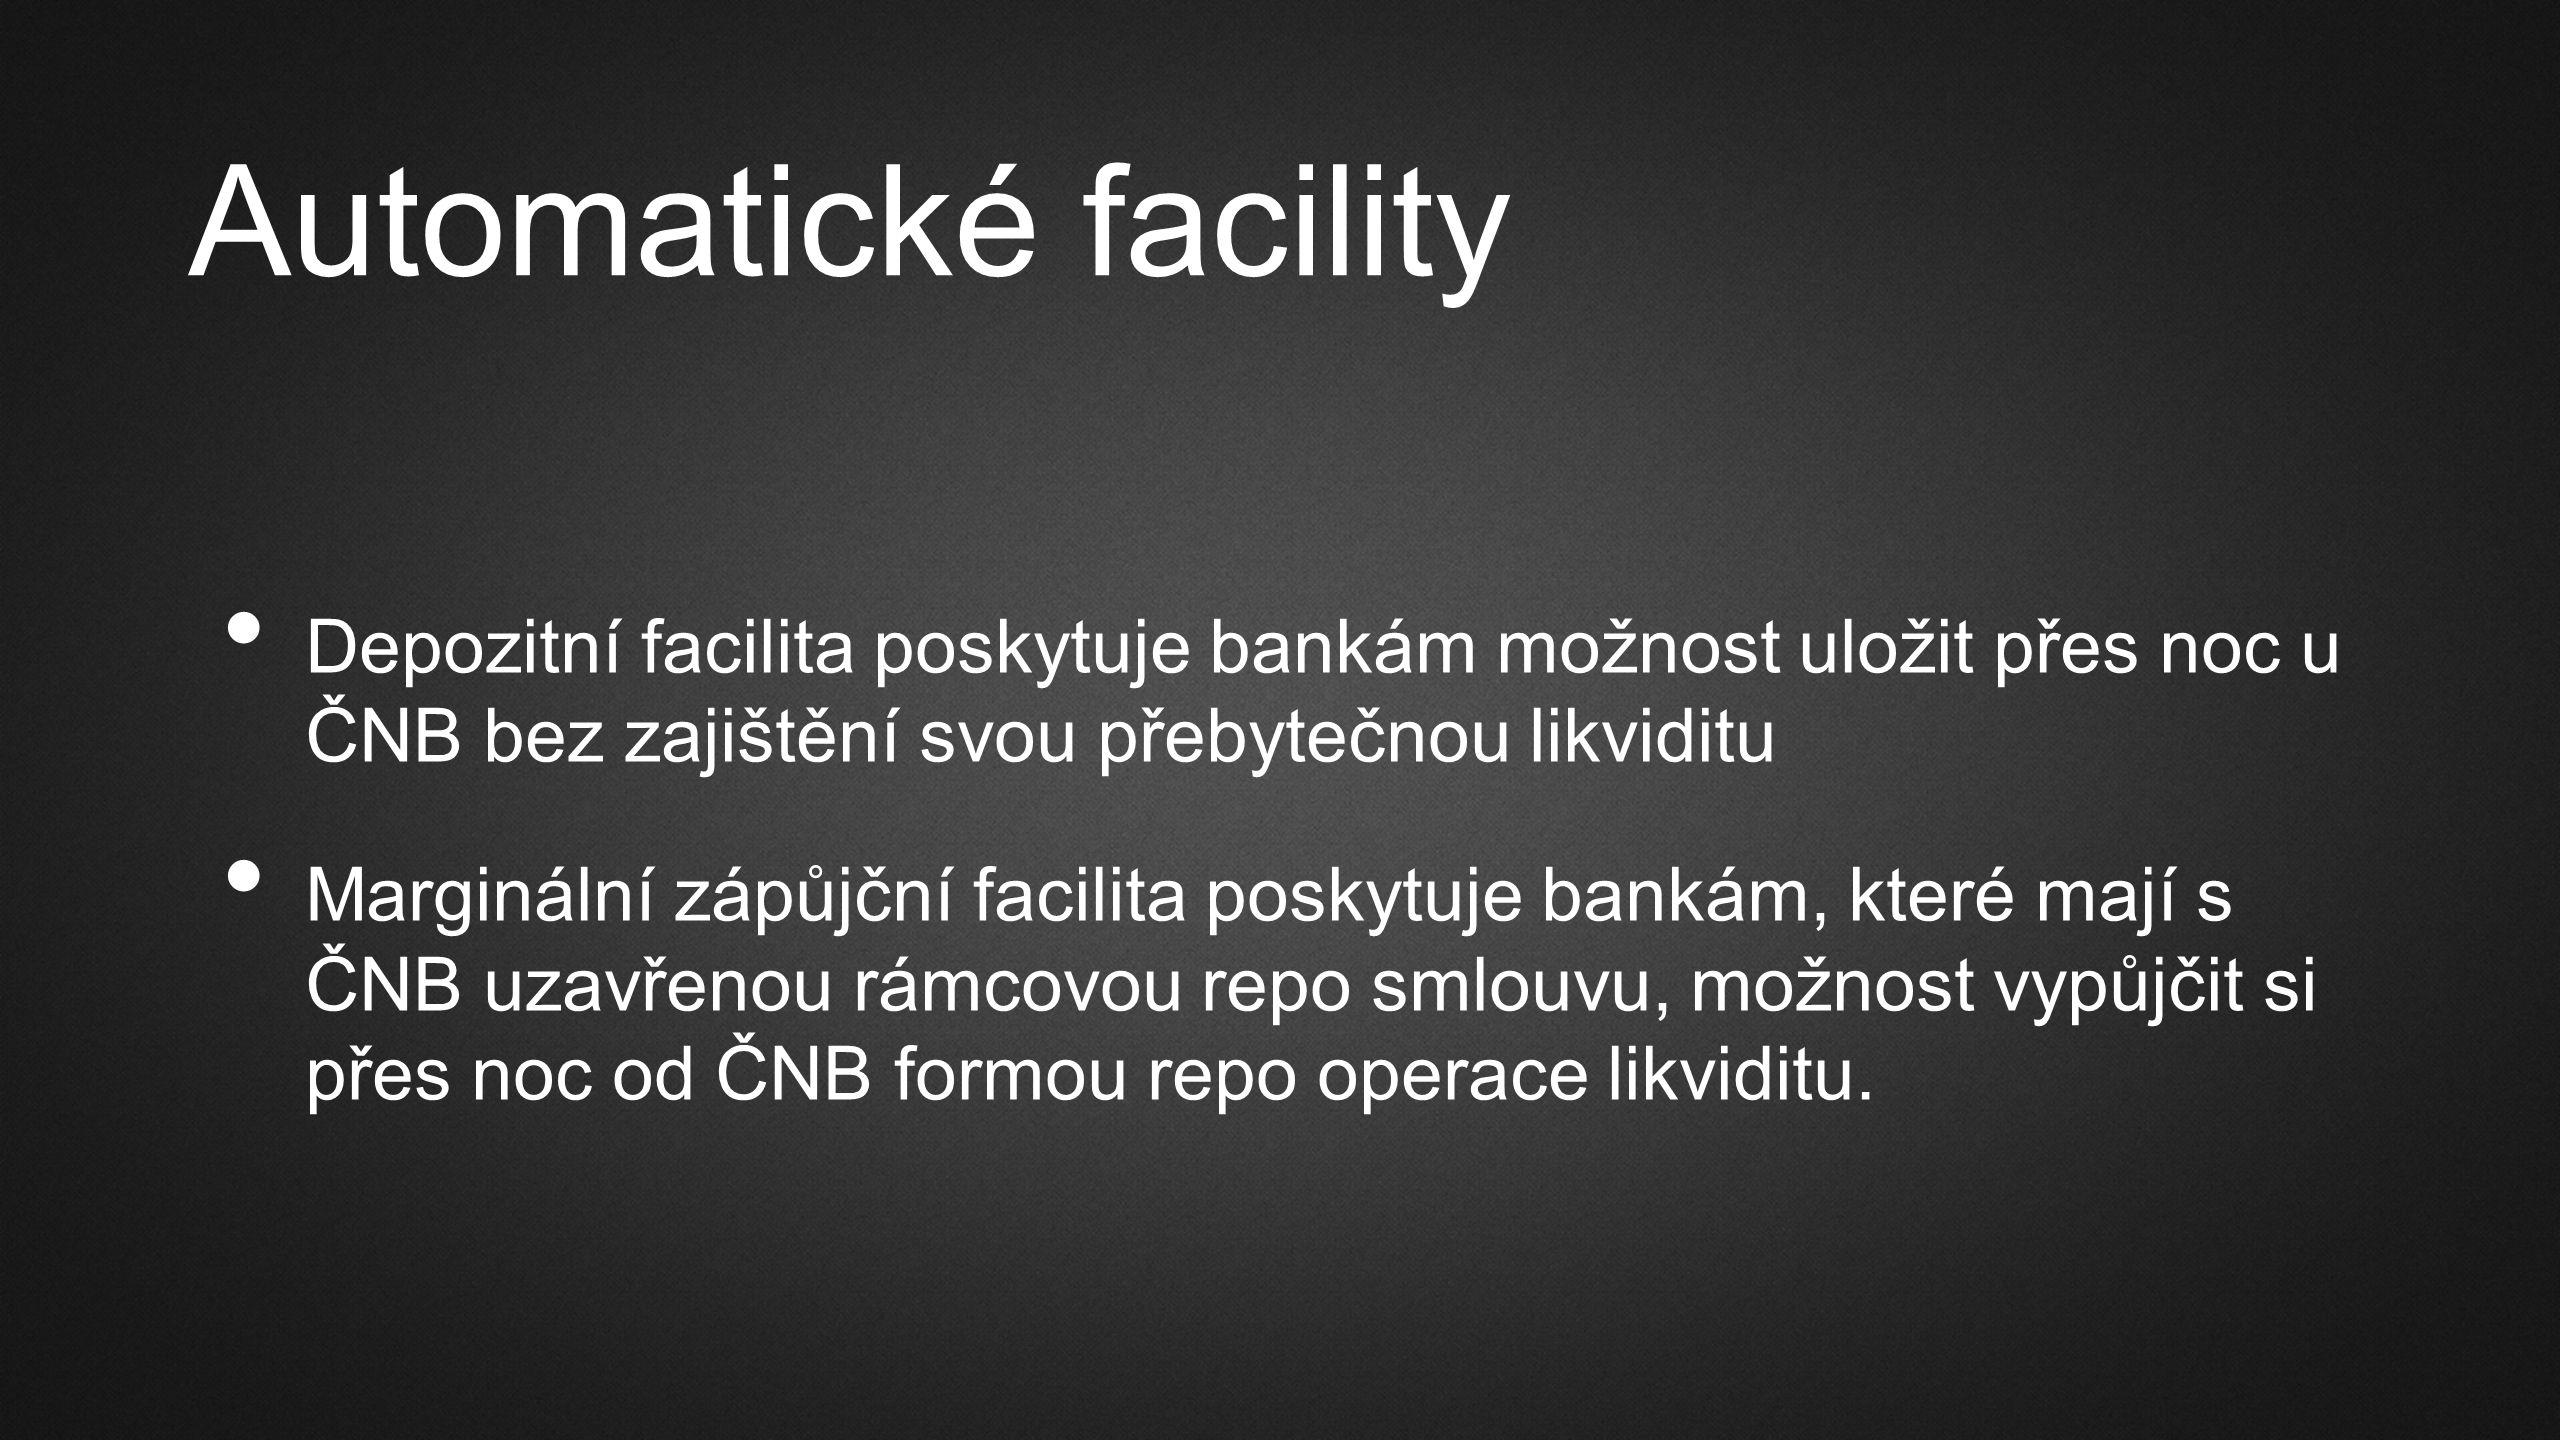 Automatické facility Depozitní facilita poskytuje bankám možnost uložit přes noc u ČNB bez zajištění svou přebytečnou likviditu Marginální zápůjční facilita poskytuje bankám, které mají s ČNB uzavřenou rámcovou repo smlouvu, možnost vypůjčit si přes noc od ČNB formou repo operace likviditu.